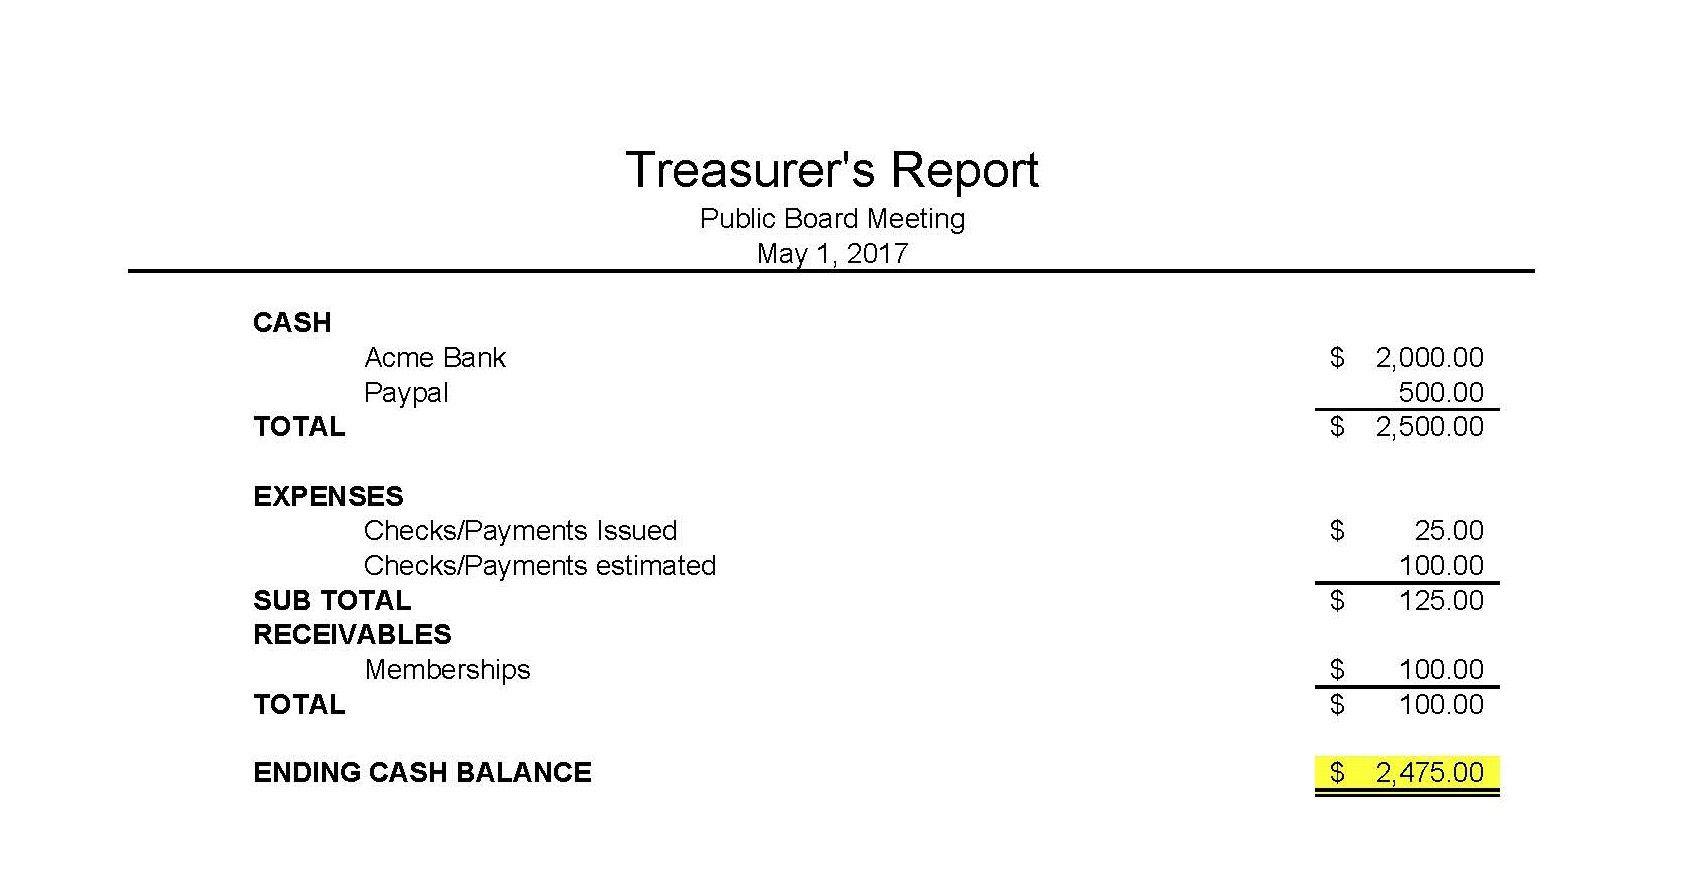 003 Fearsome Treasurer Report Template Non Profit Design  Treasurer' Word Free For Nonprofit OrganizationFull